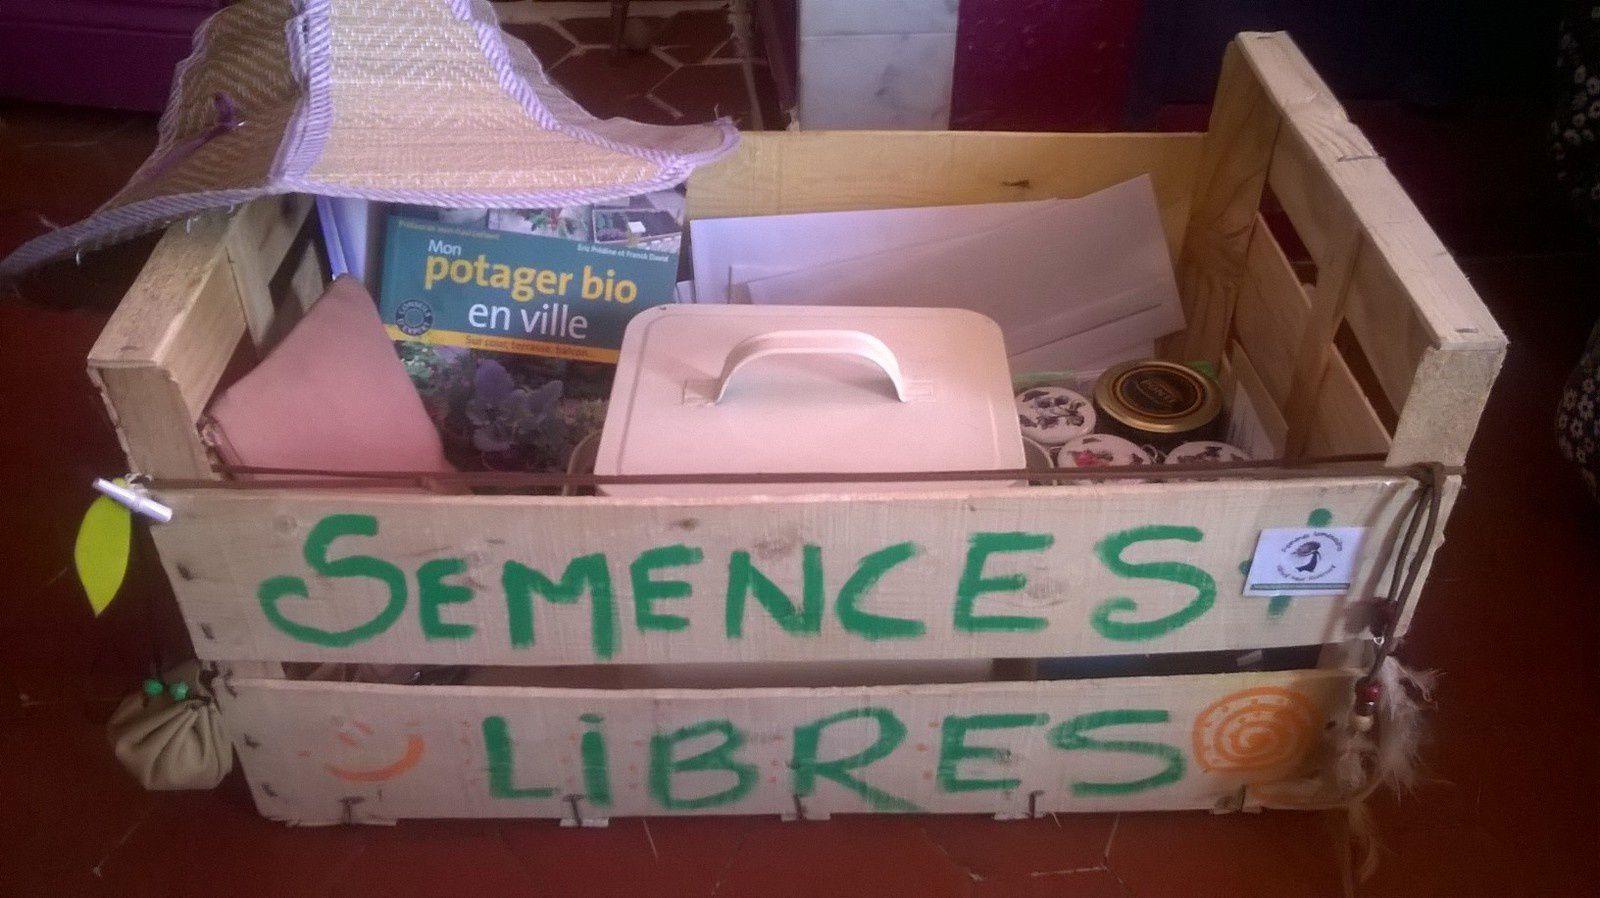 La boîte à semences libres de Laurence